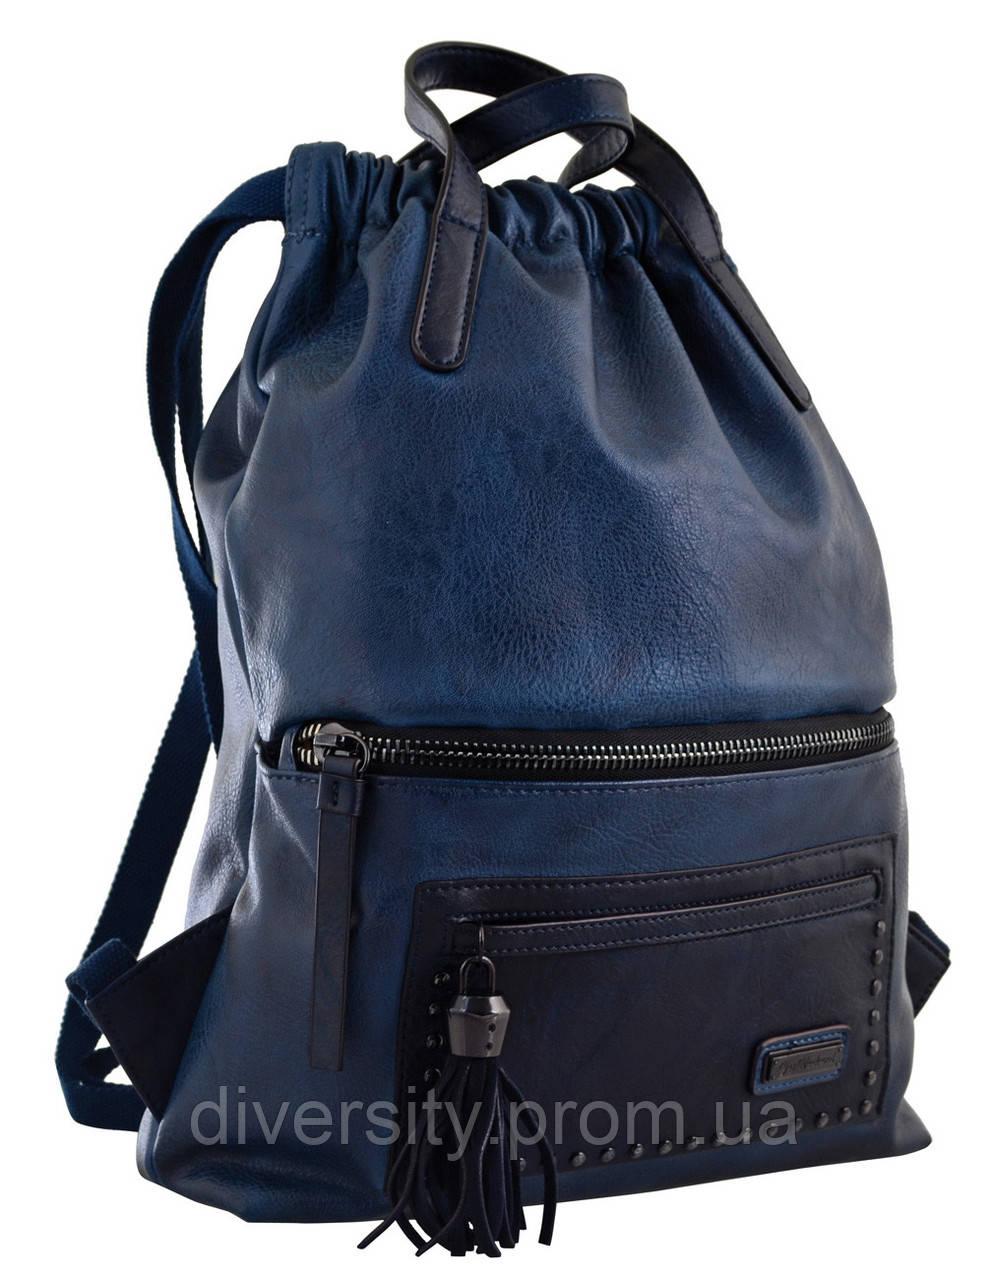 Женский рюкзак YES YW-11,  джинсовий синий